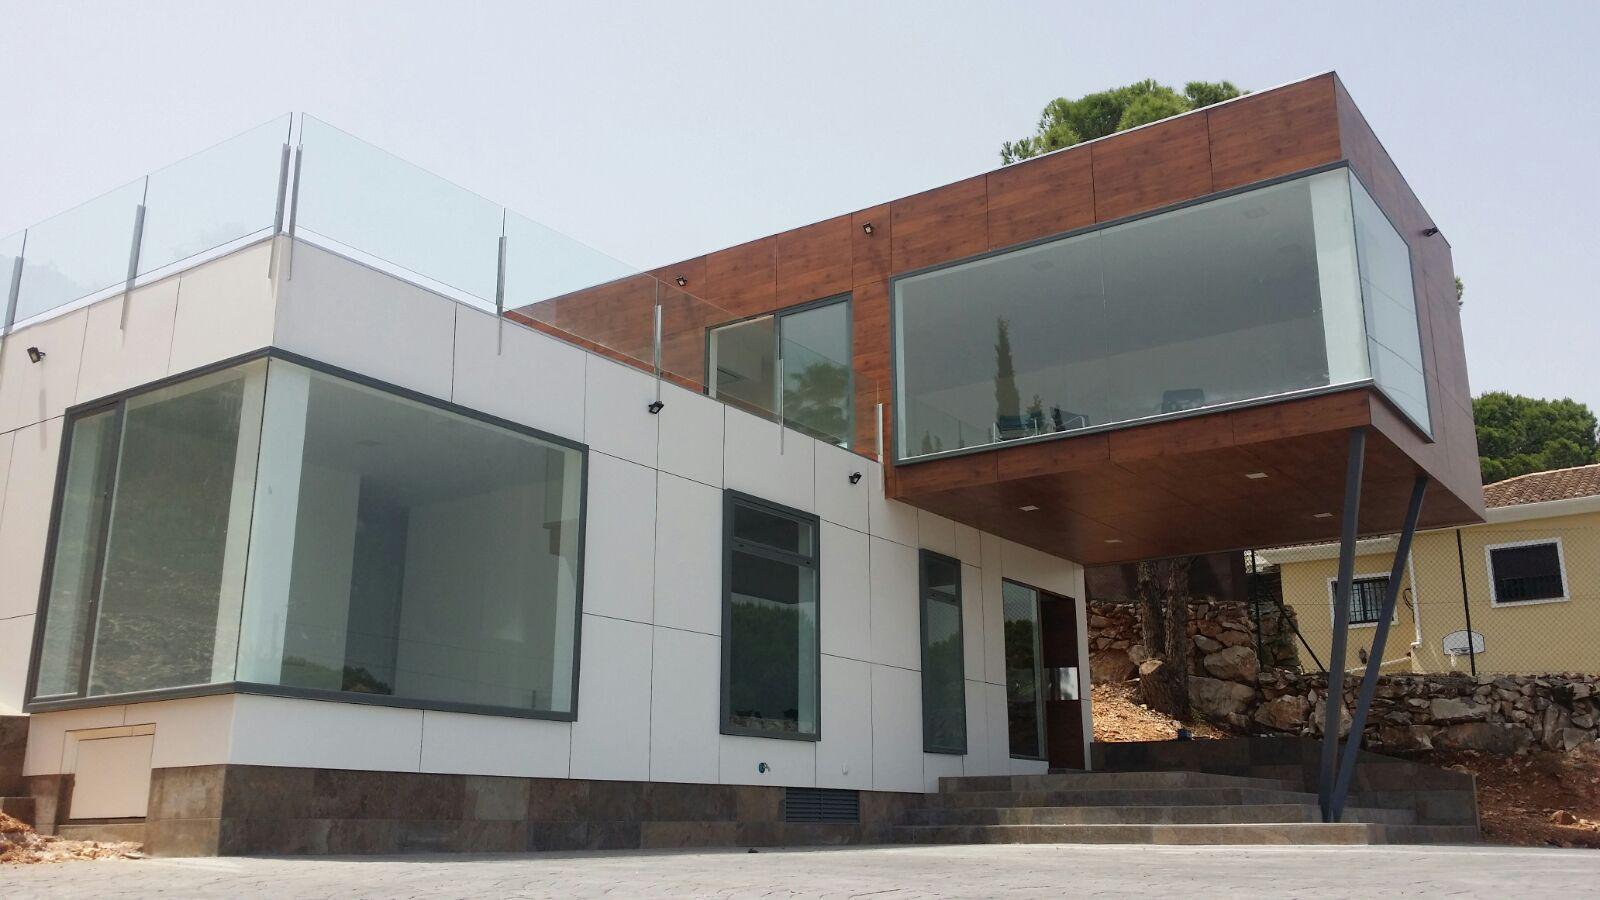 Casas prefabricadas con contenedores precios dise os y - Contenedores casas prefabricadas ...